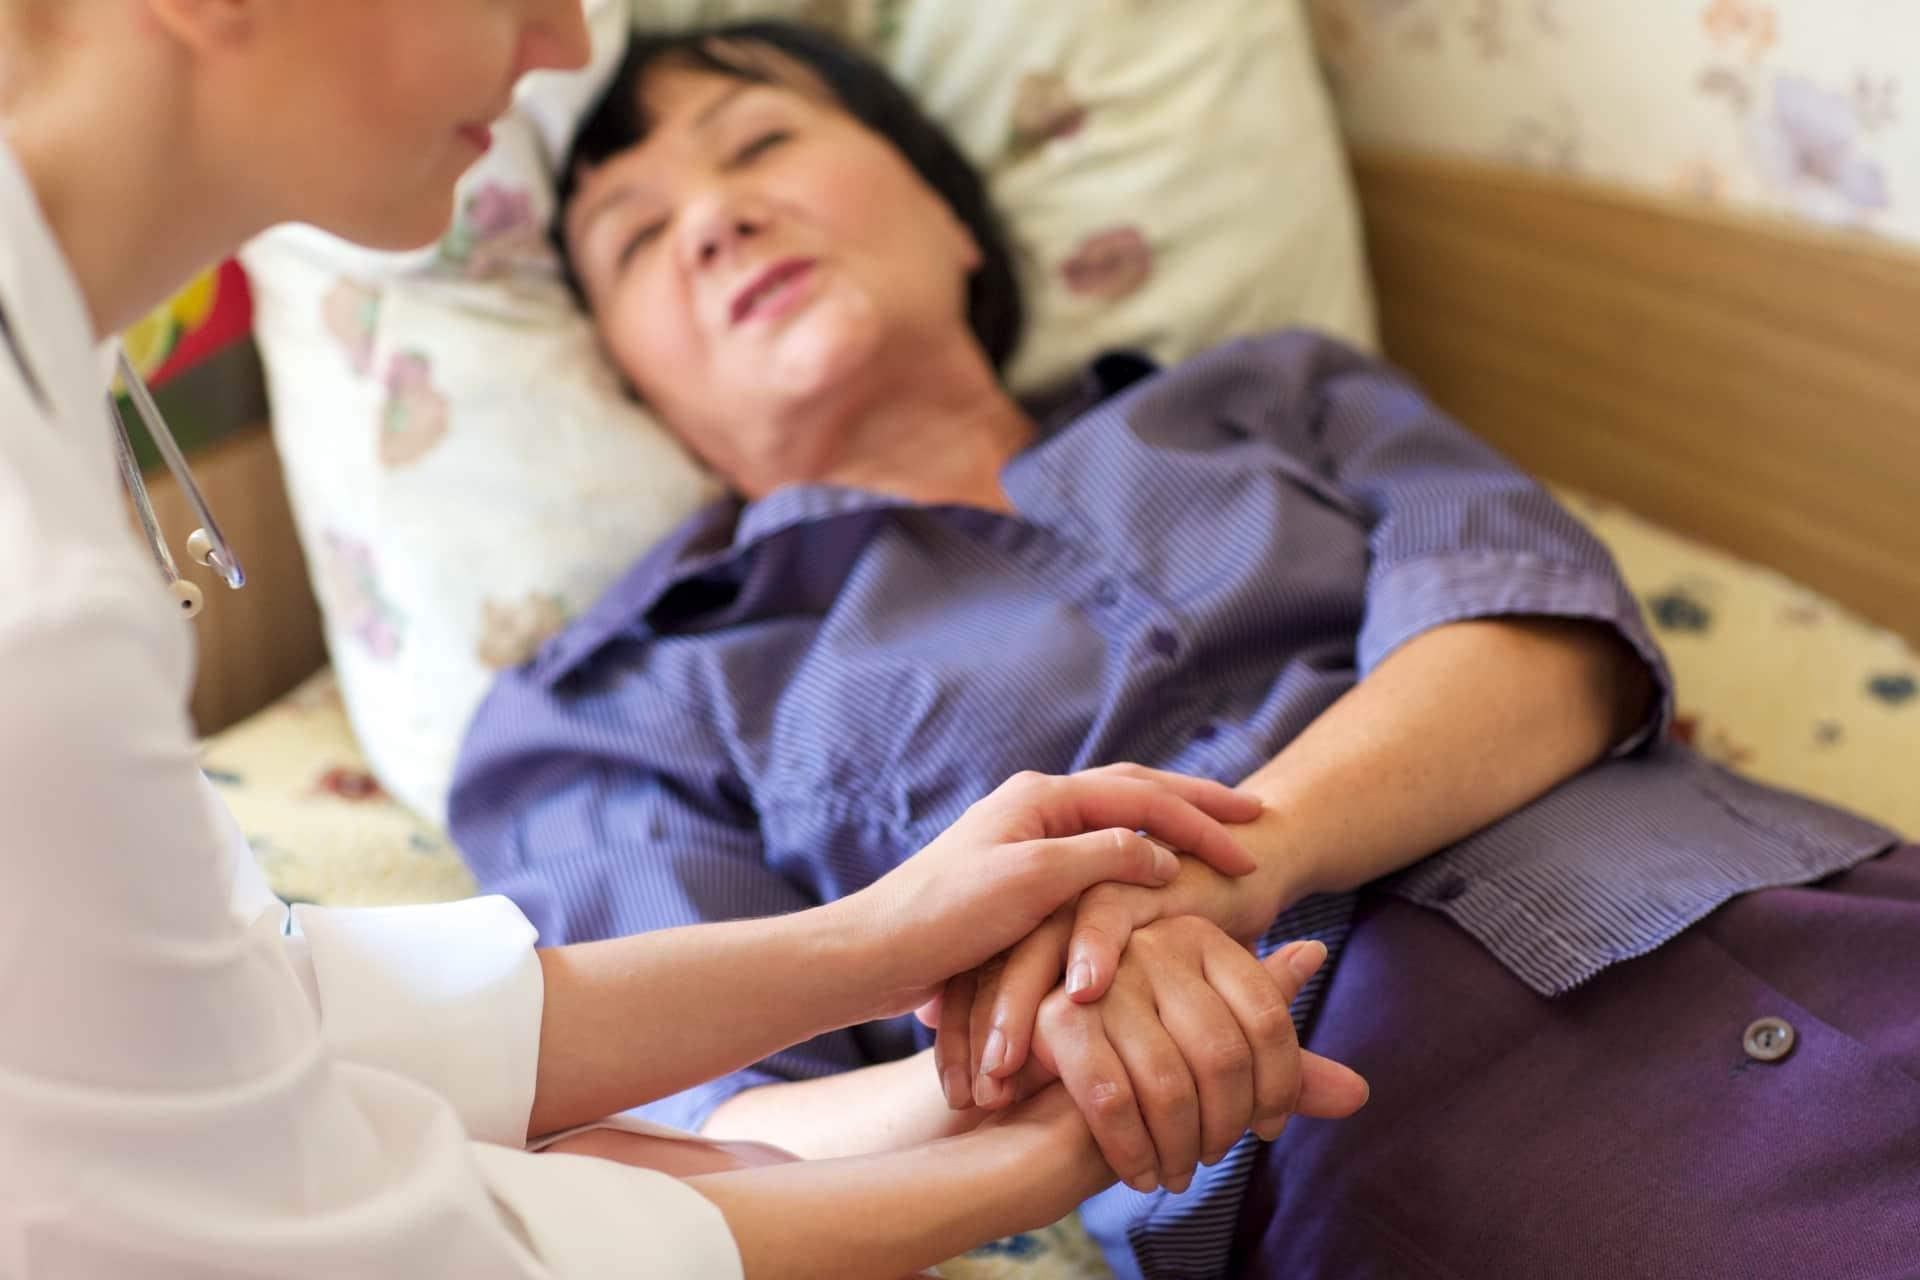 死生観に基づいて治療を拒否する患者がいる